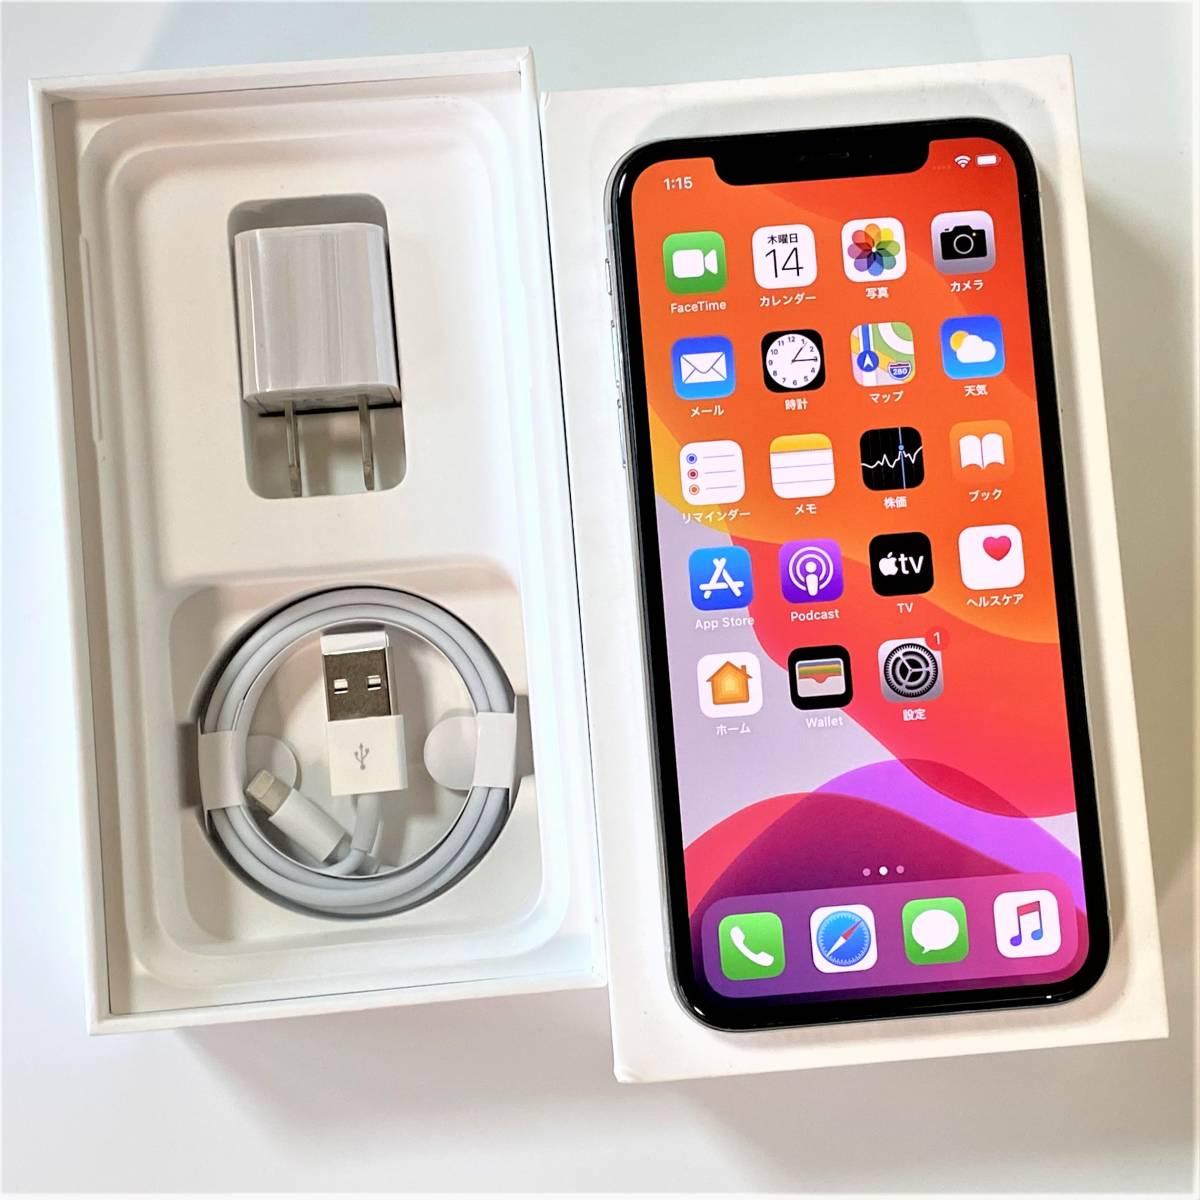 SIMフリー iPhone X シルバー 64GB MQAY2J/A バッテリー最大容量89% docomo 格安SIM MVNO 海外利用可 アクティベーションロック解除済